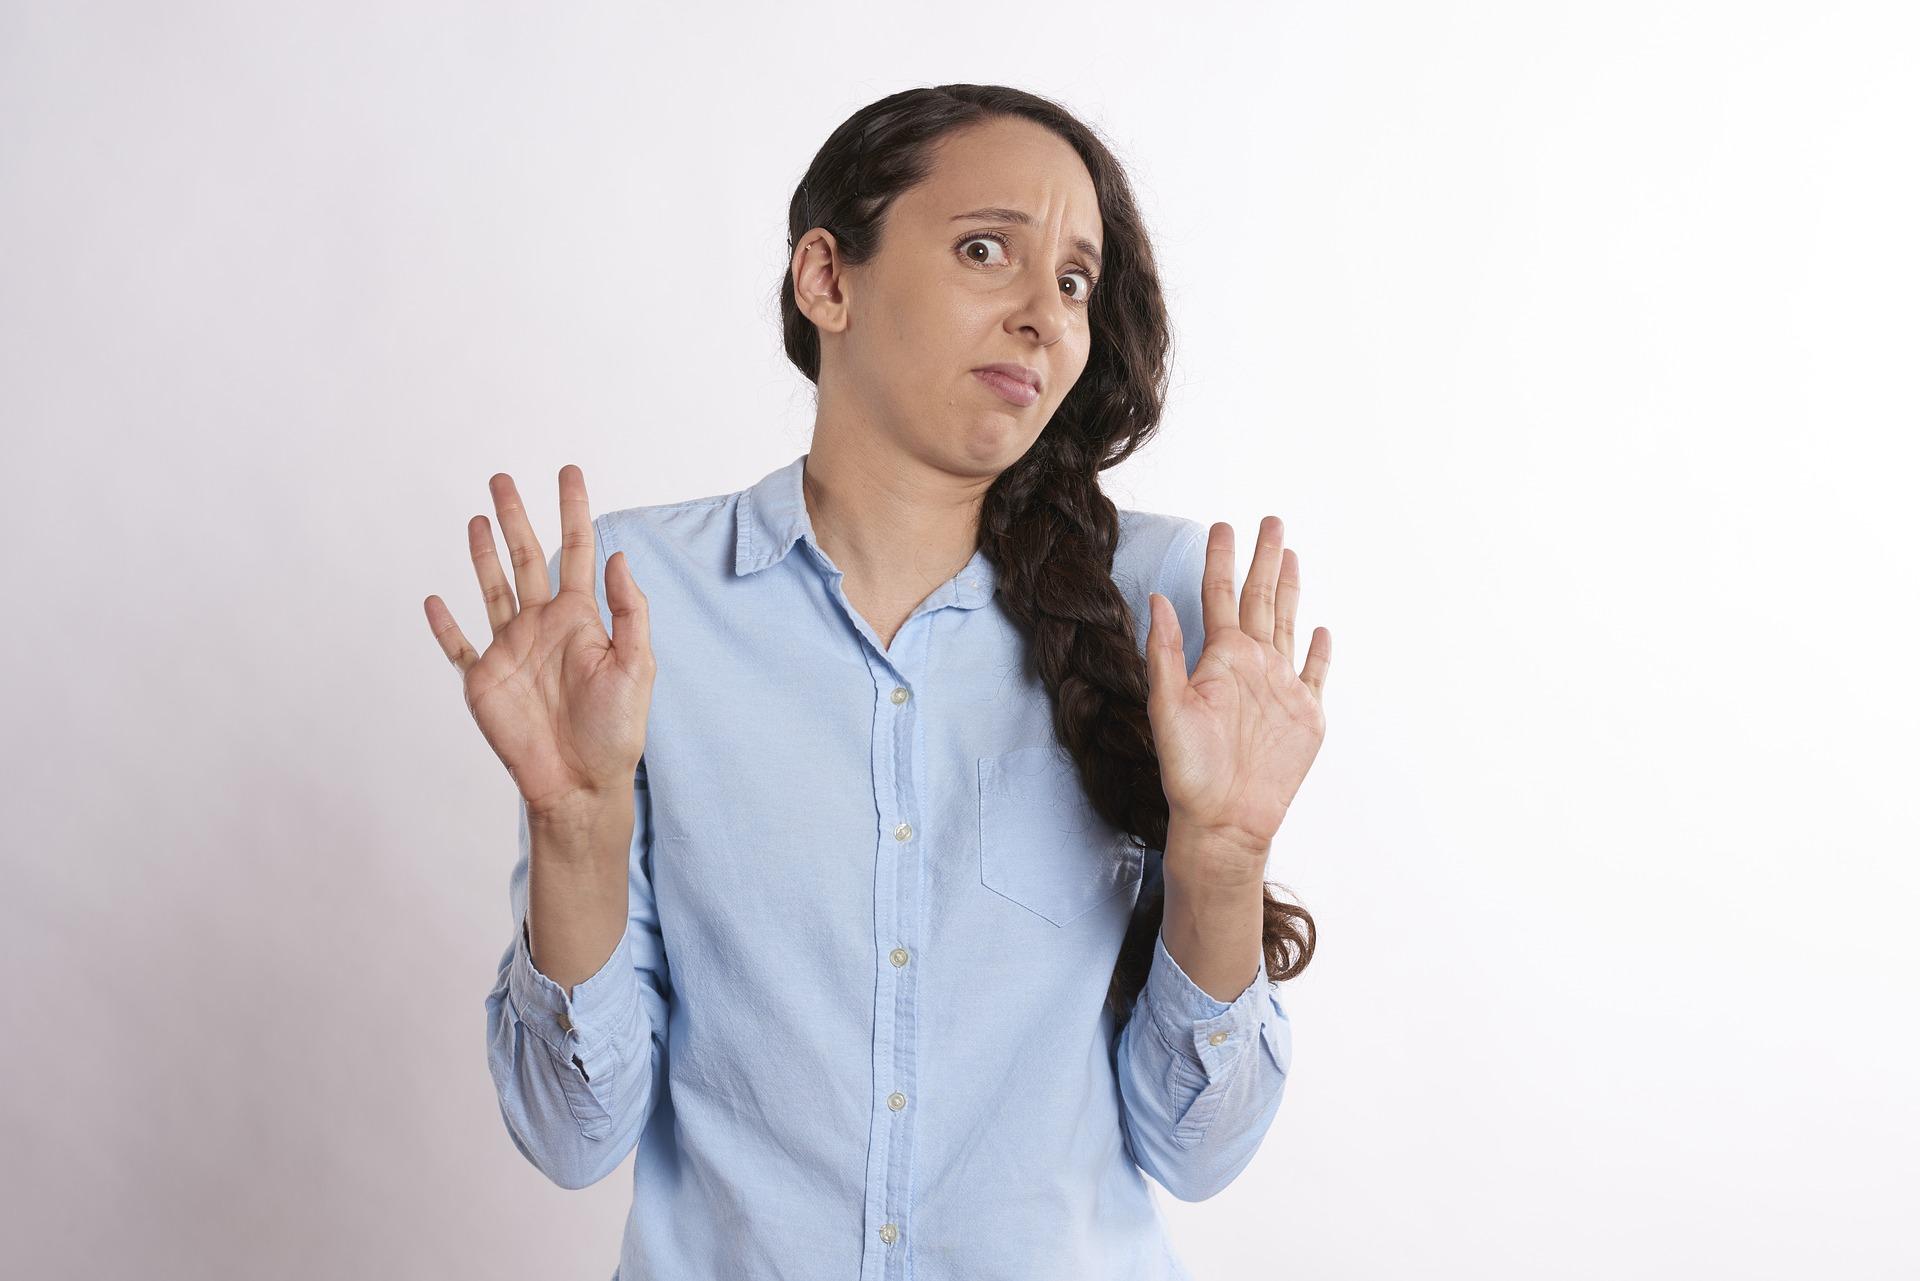 persoanele de care sa te feresti - sfatulparintilor.ro - pixabay_com - shocked-2681488_1920